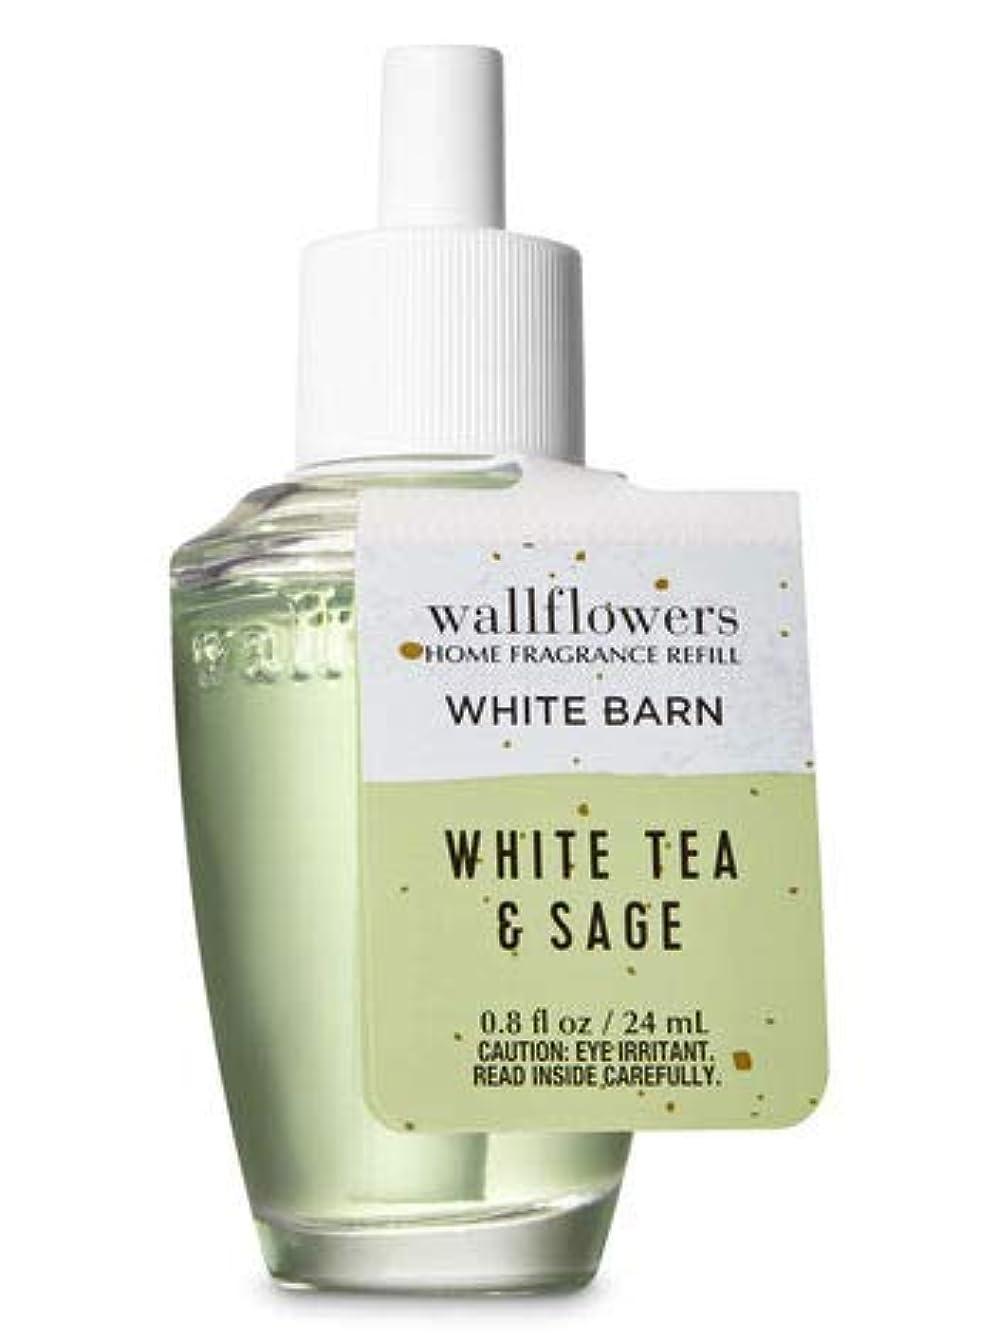 フレア喜び飽和する【Bath&Body Works/バス&ボディワークス】 ルームフレグランス 詰替えリフィル ホワイトティー&セージ Wallflowers Home Fragrance Refill White Tea & Sage [並行輸入品]